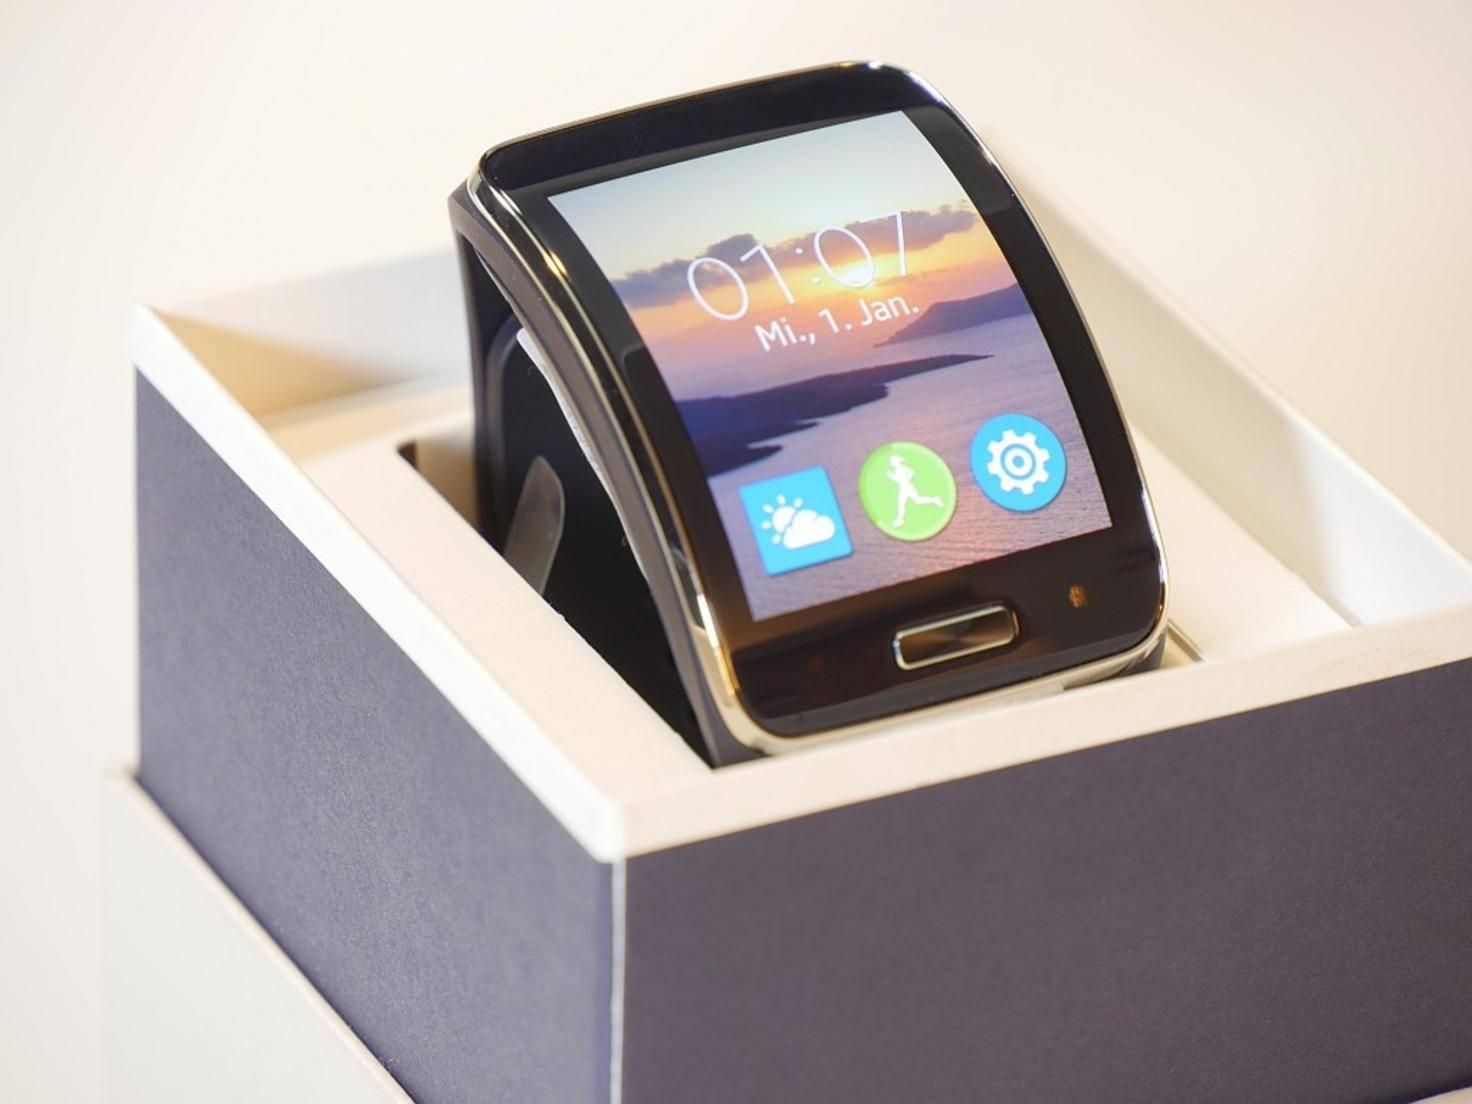 Die am häufigsten genutzten Apps können auch auf dem Startbildschirm angezeigt werden.